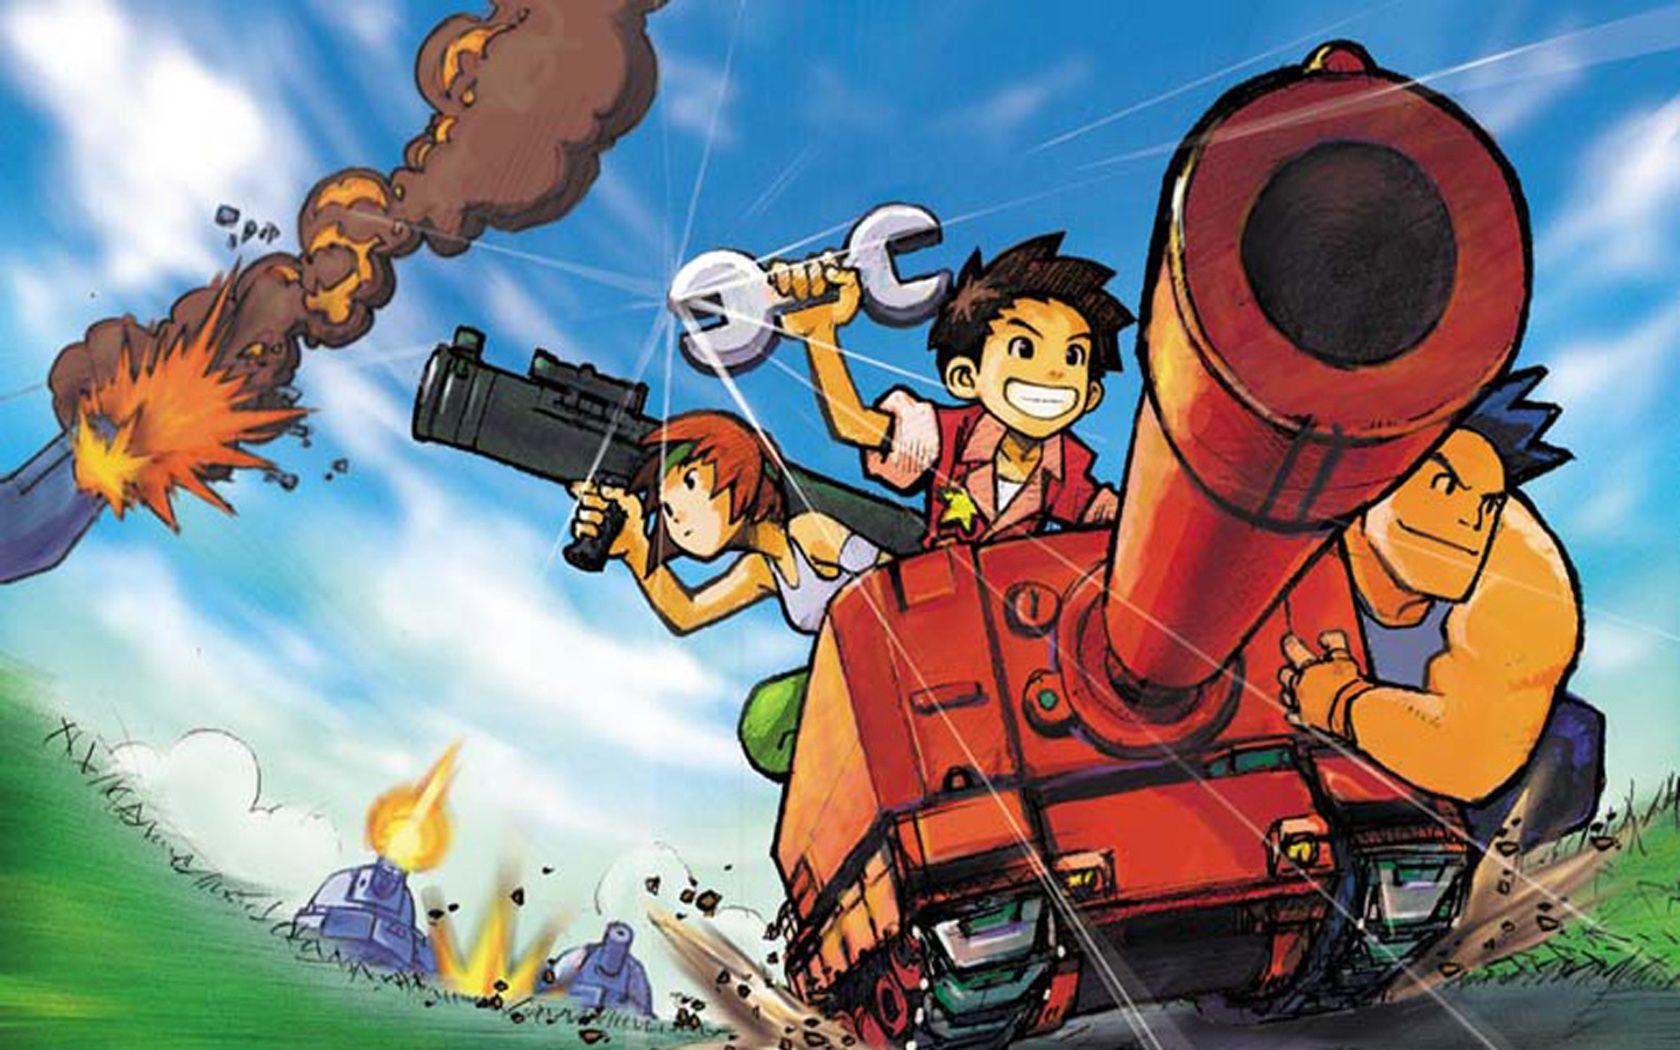 Advance War fans Nintendo hears your cries! Advance